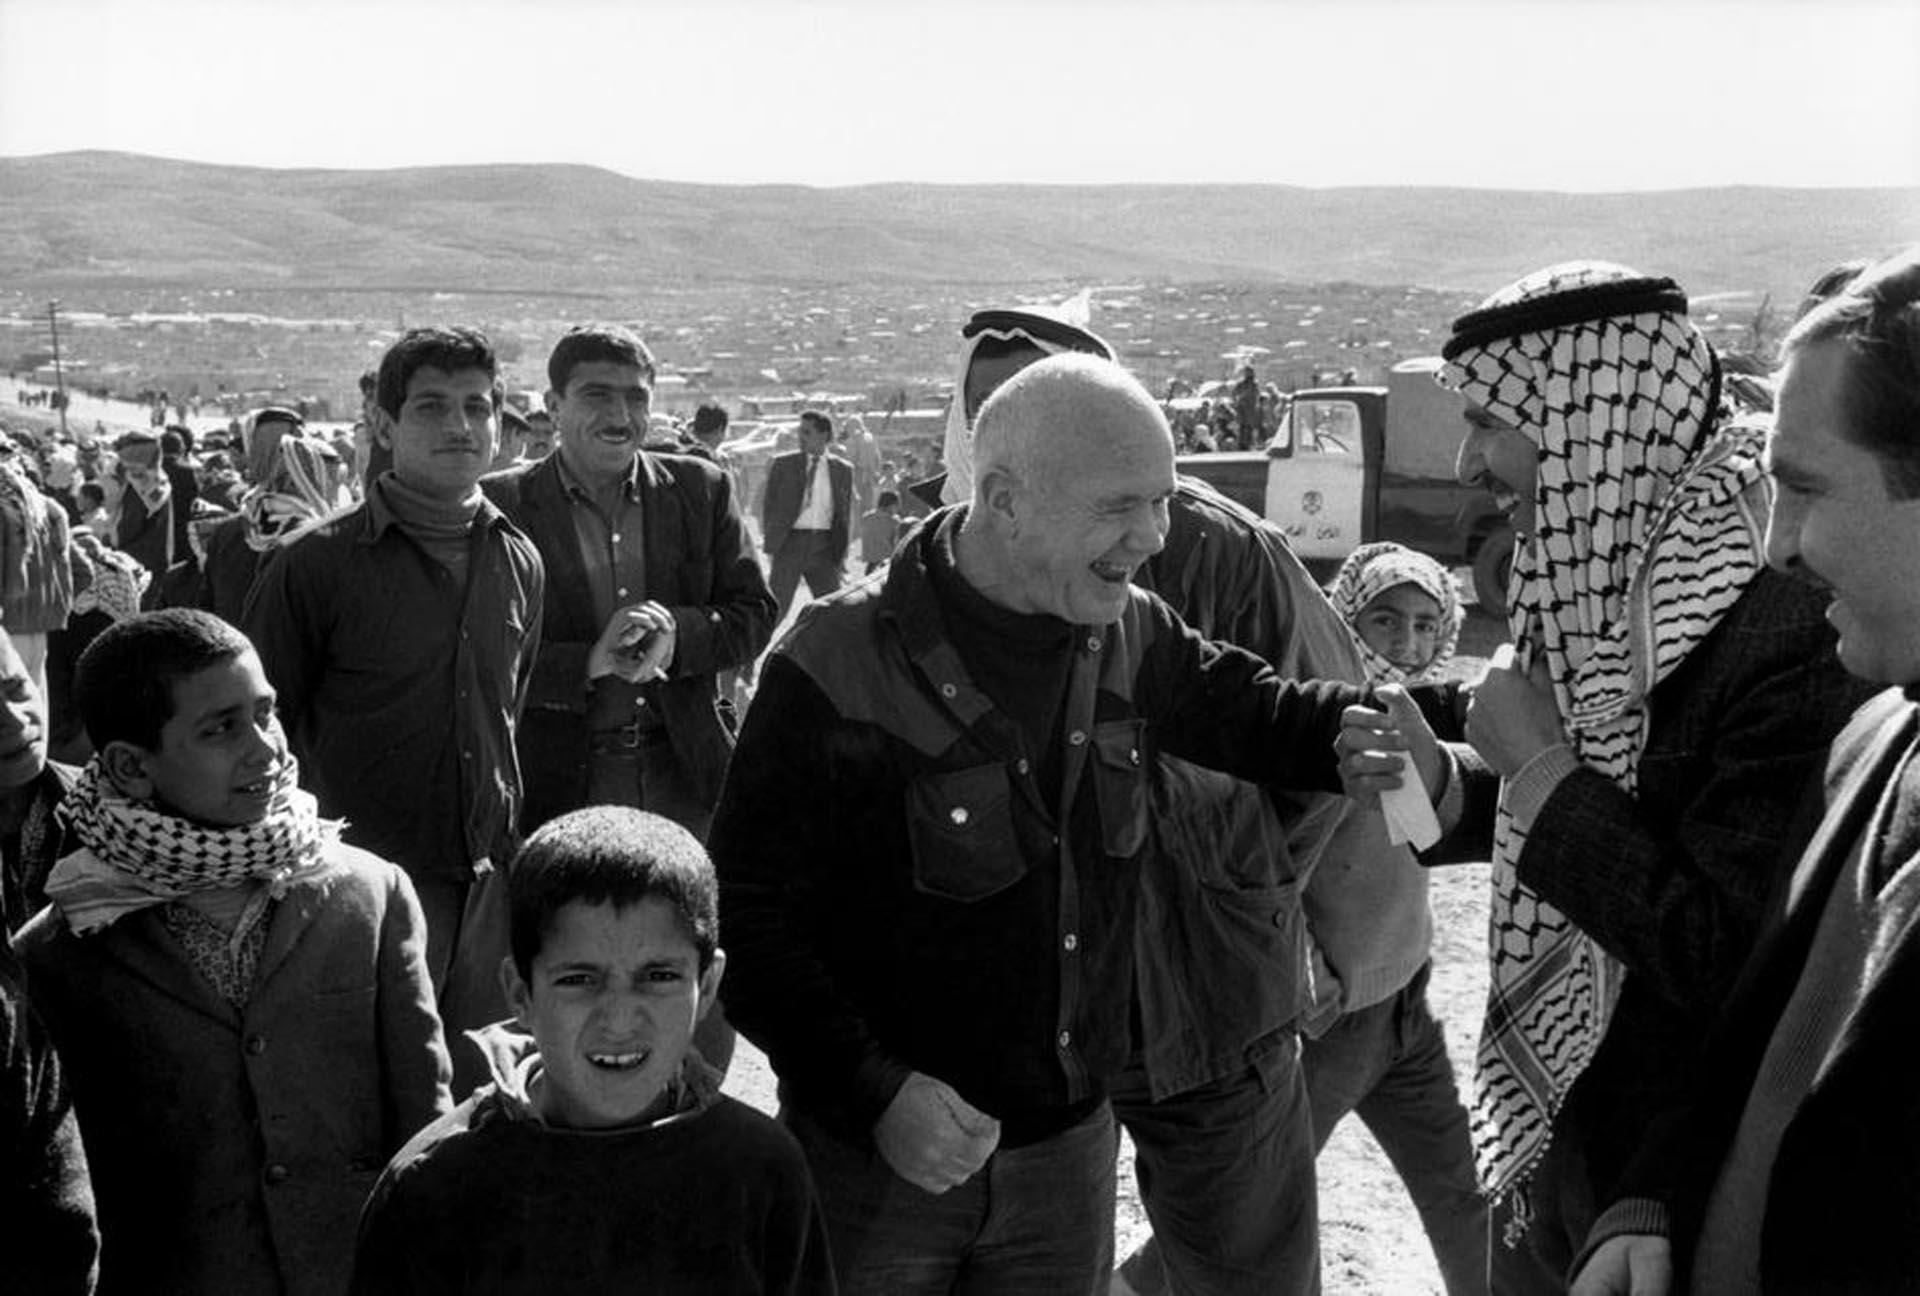 Genet en un campo de refugiados palestinos en Jordania en 1982